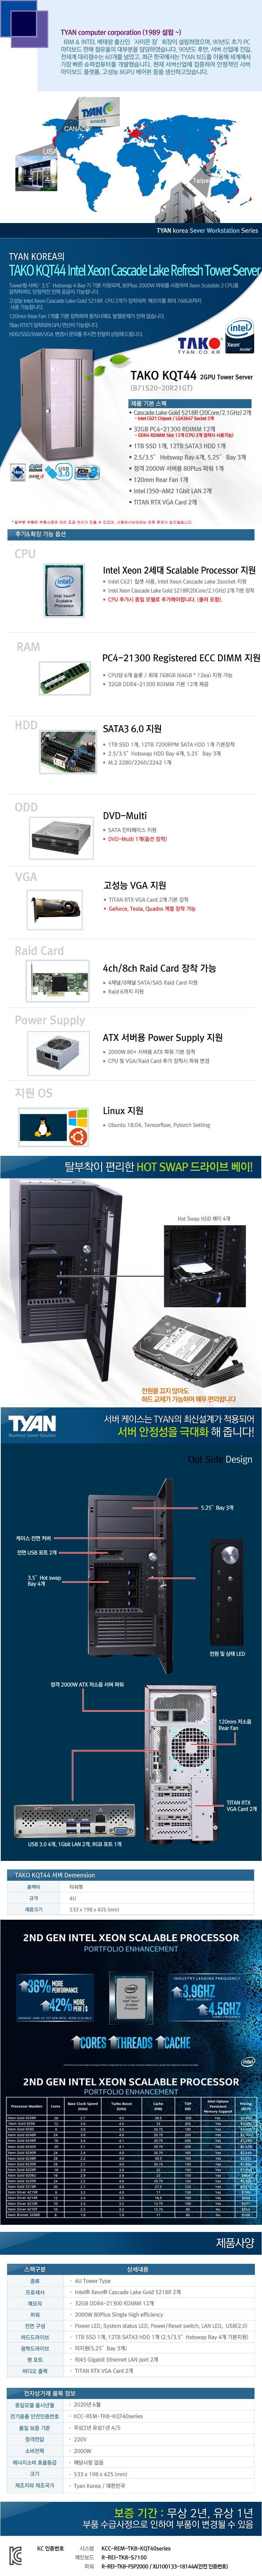 TYAN TAKO-KQT44-(B71S20-20R21GT)-2GPU (384GB, SSD 1TB + 12TB)